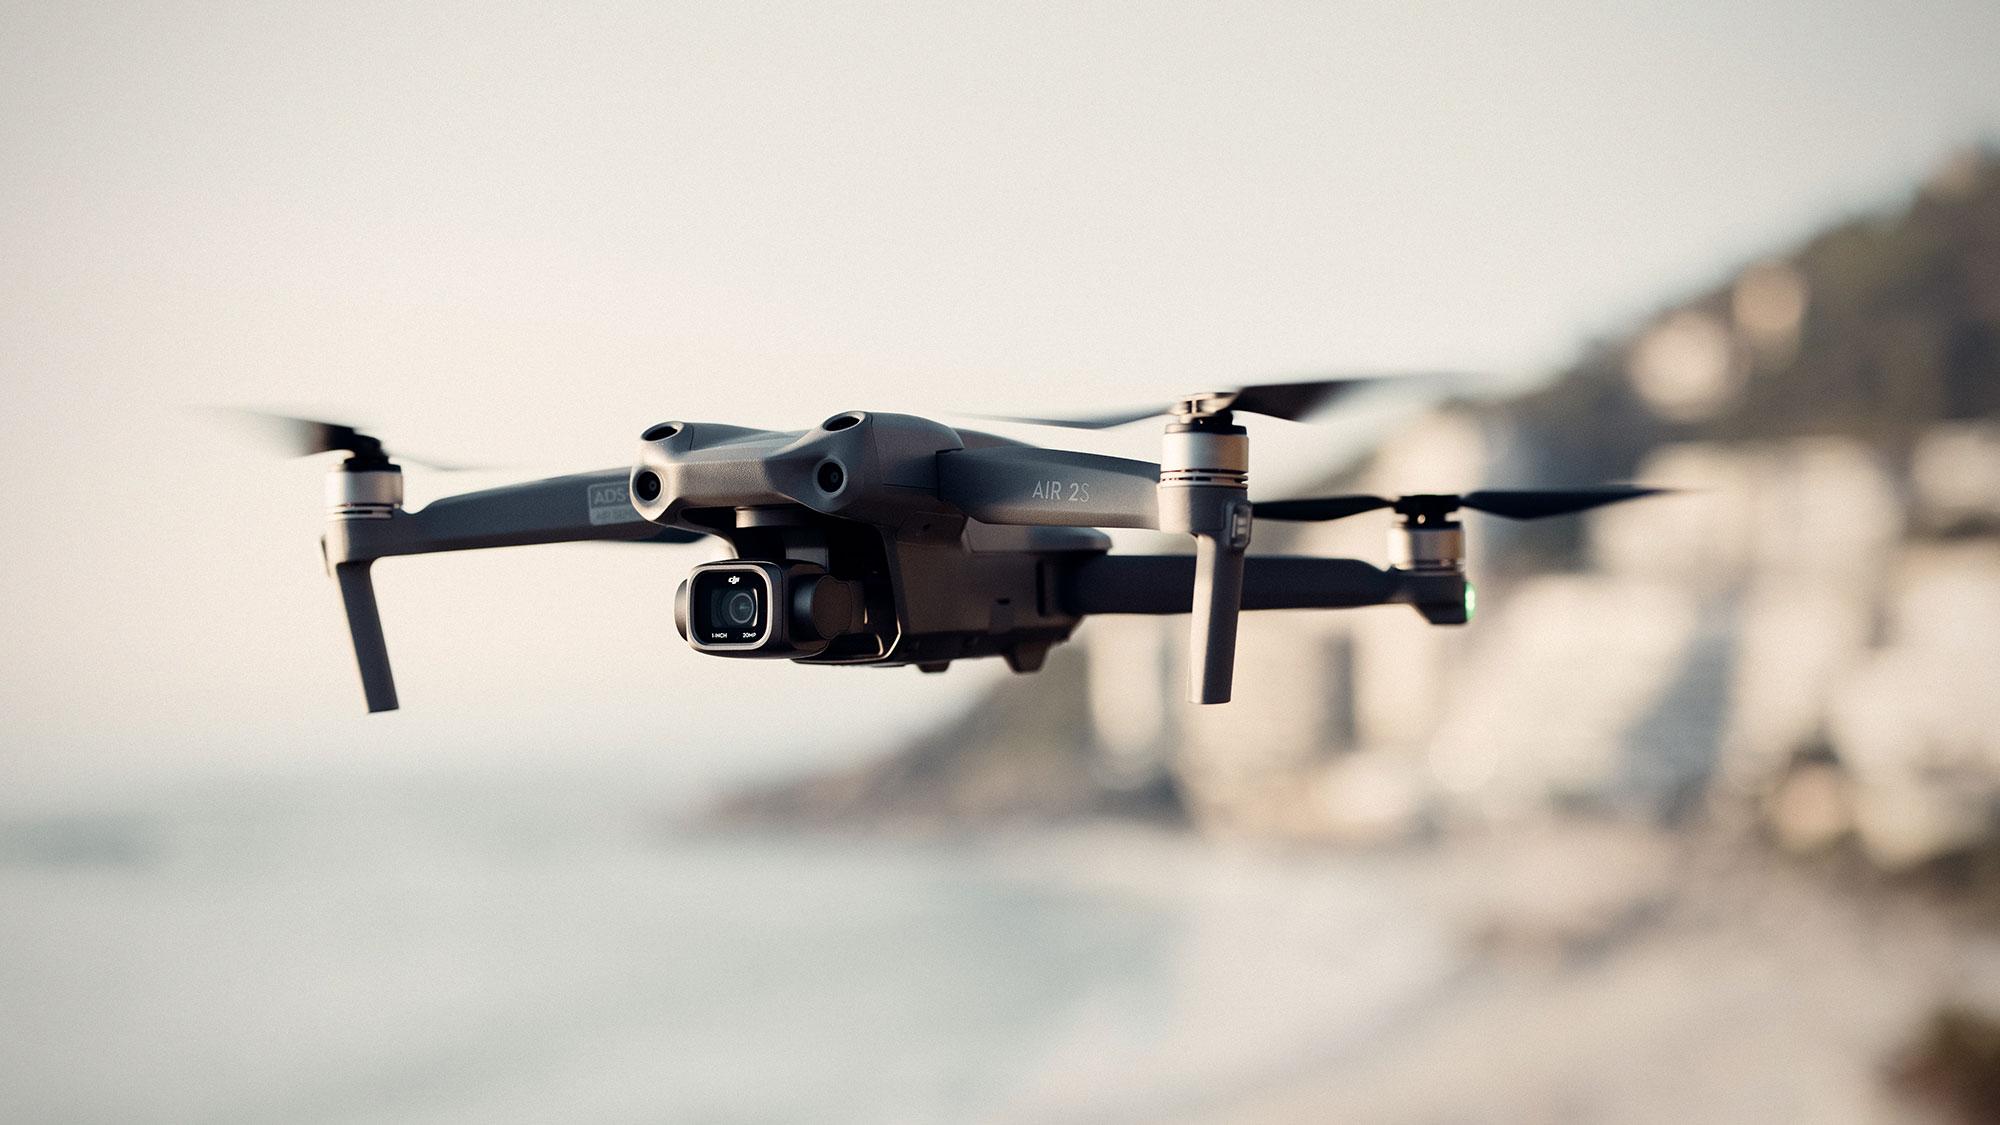 DJI Air 2S Imaging Drone